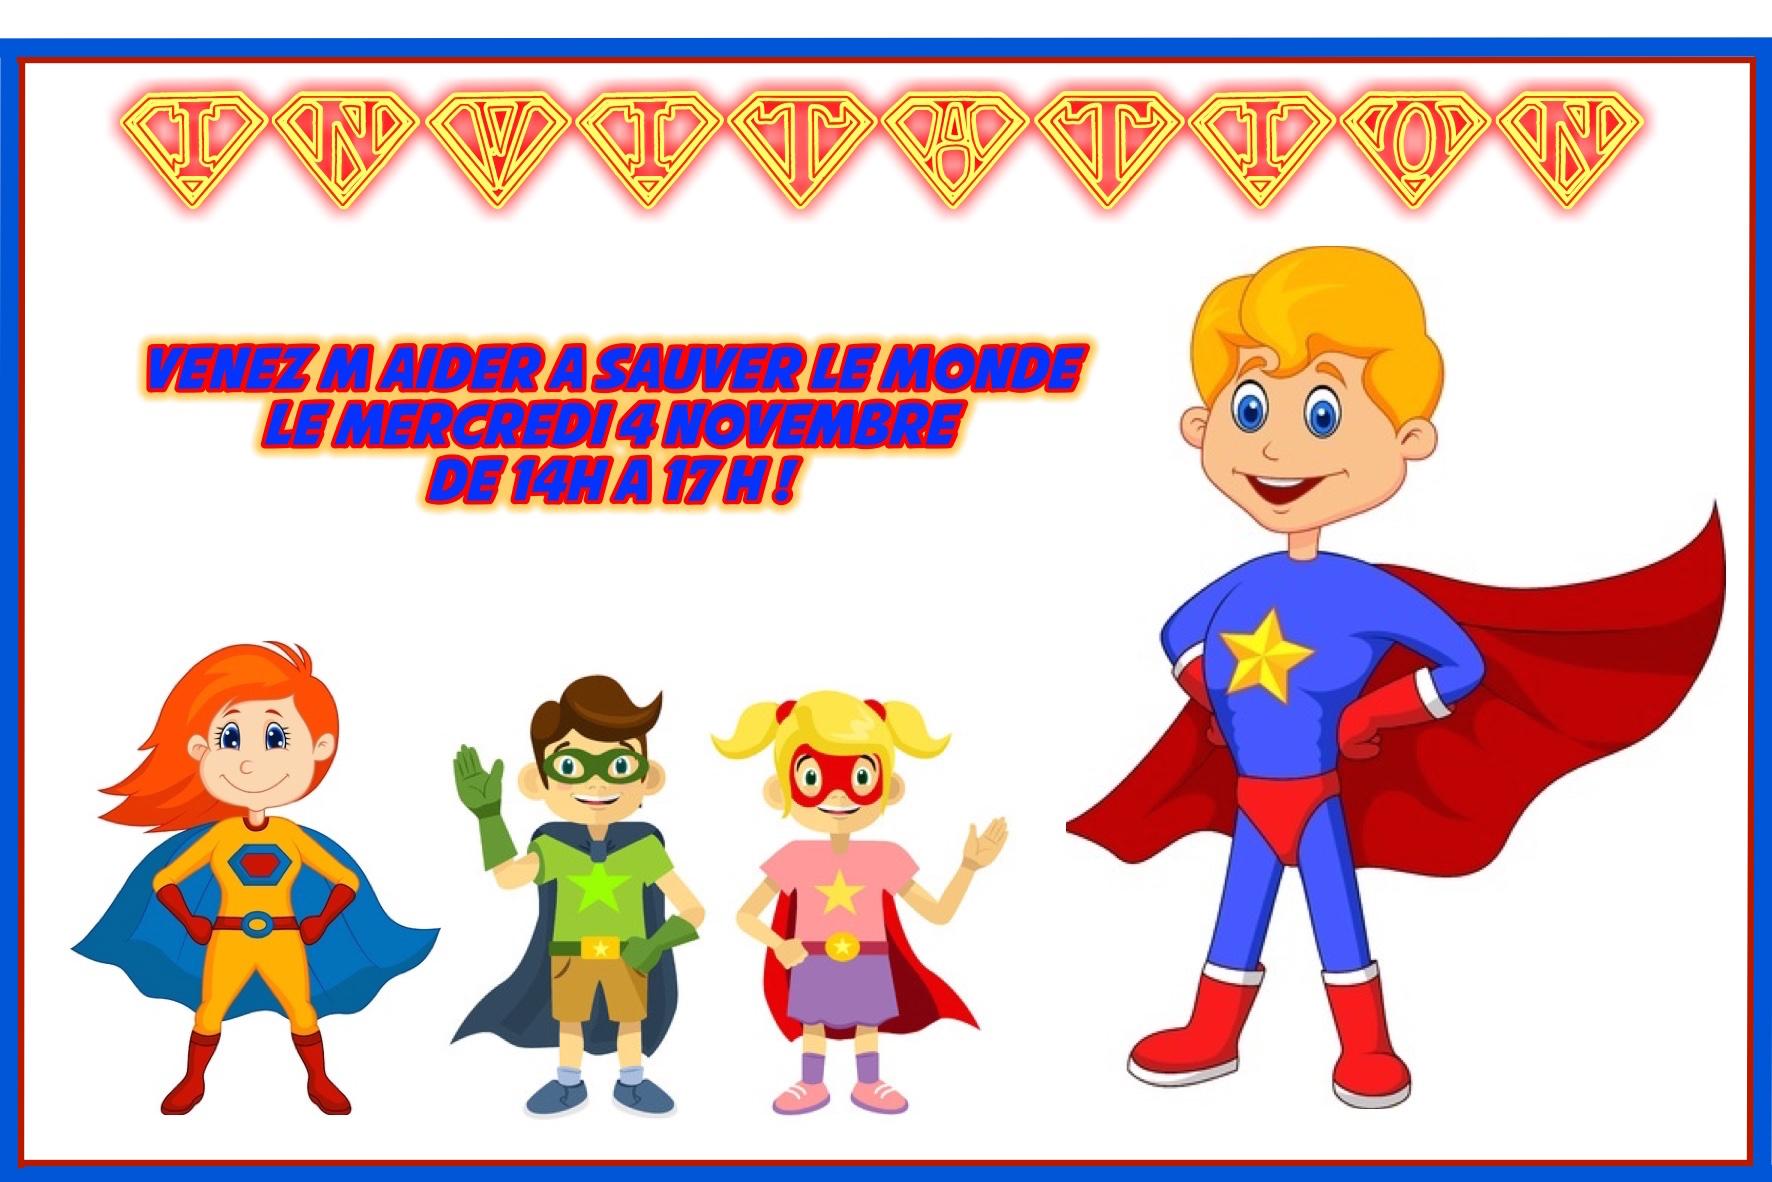 Gut bekannt 5 ans bientôt : mes préparatifs de super héros! VE24